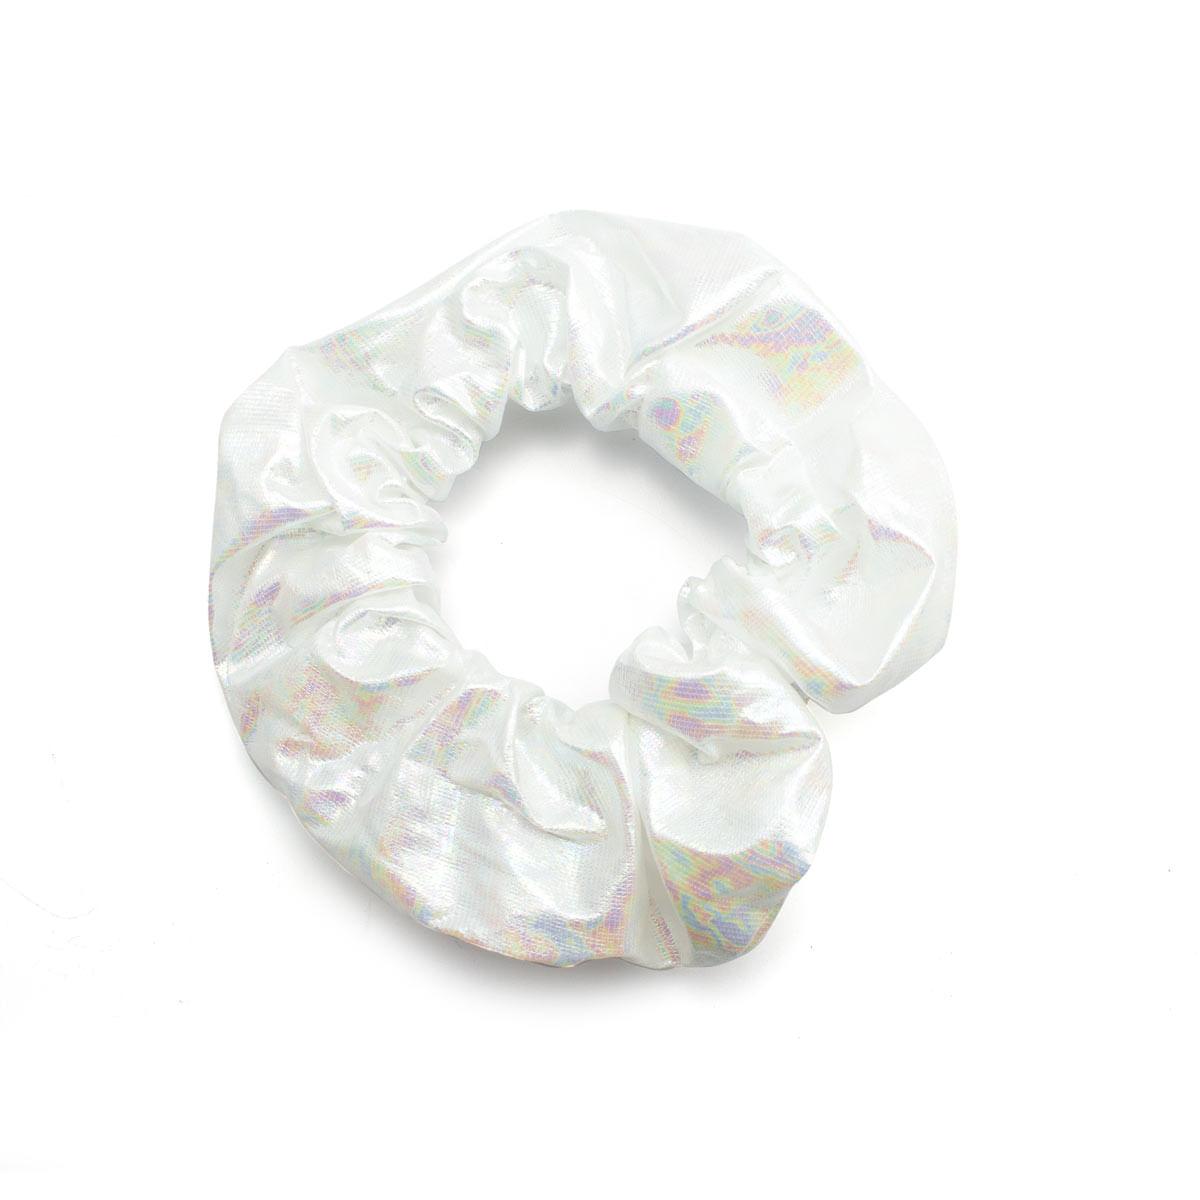 Scrunchie-Infantil-Metal-Tie-Dye-Ludique-et-Badin--K01044--VER21-